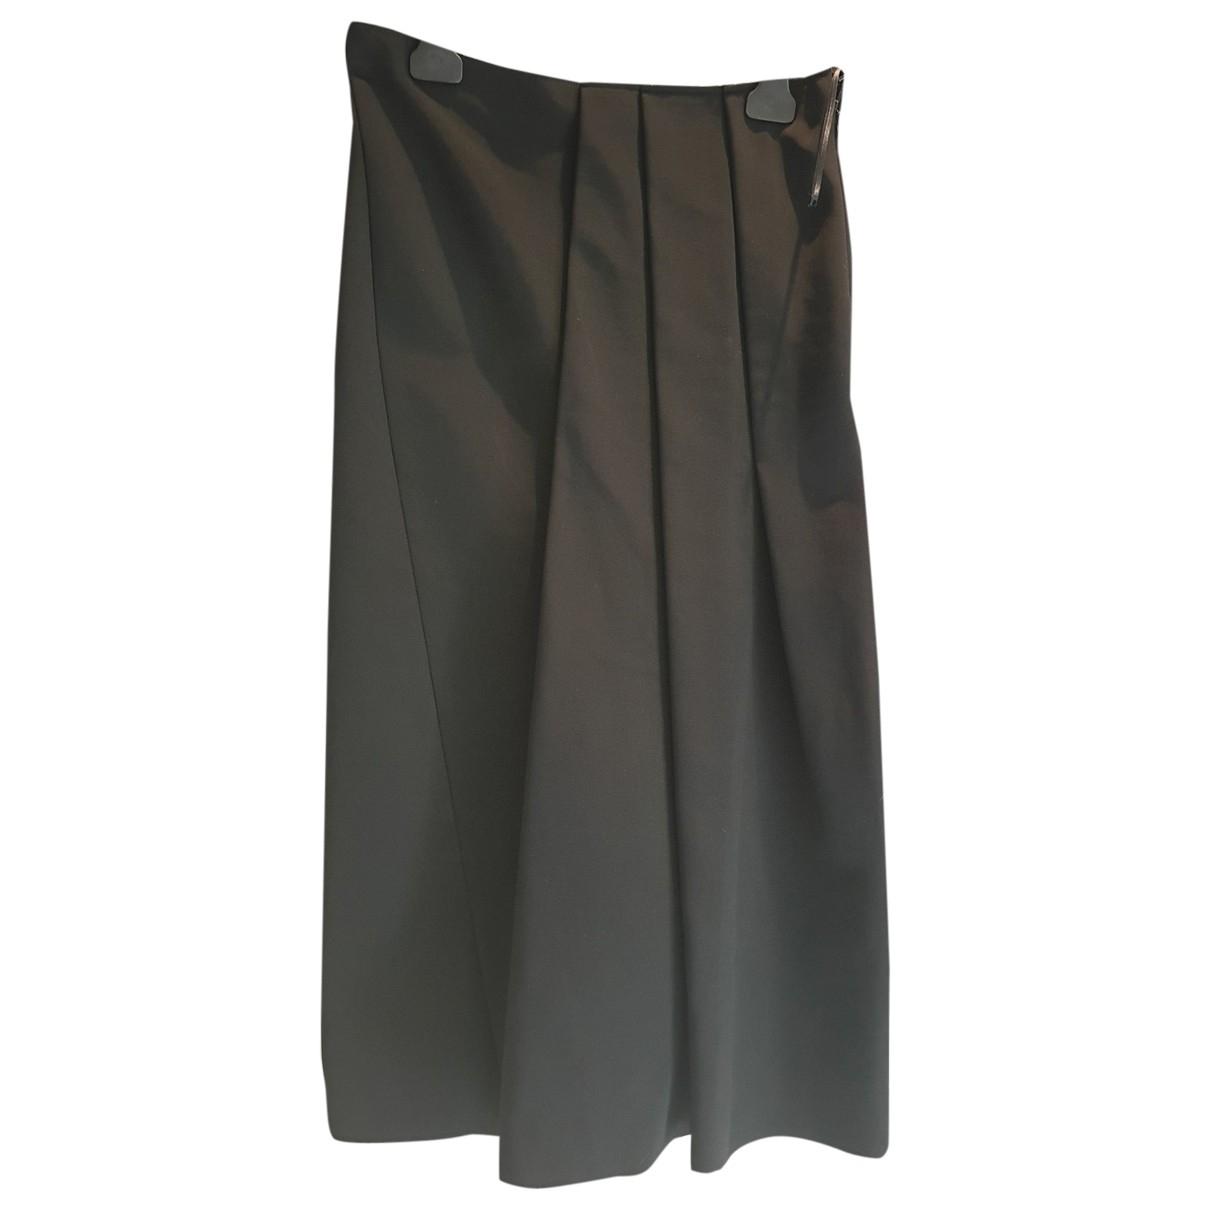 Victoria Beckham \N Black skirt for Women 8 UK